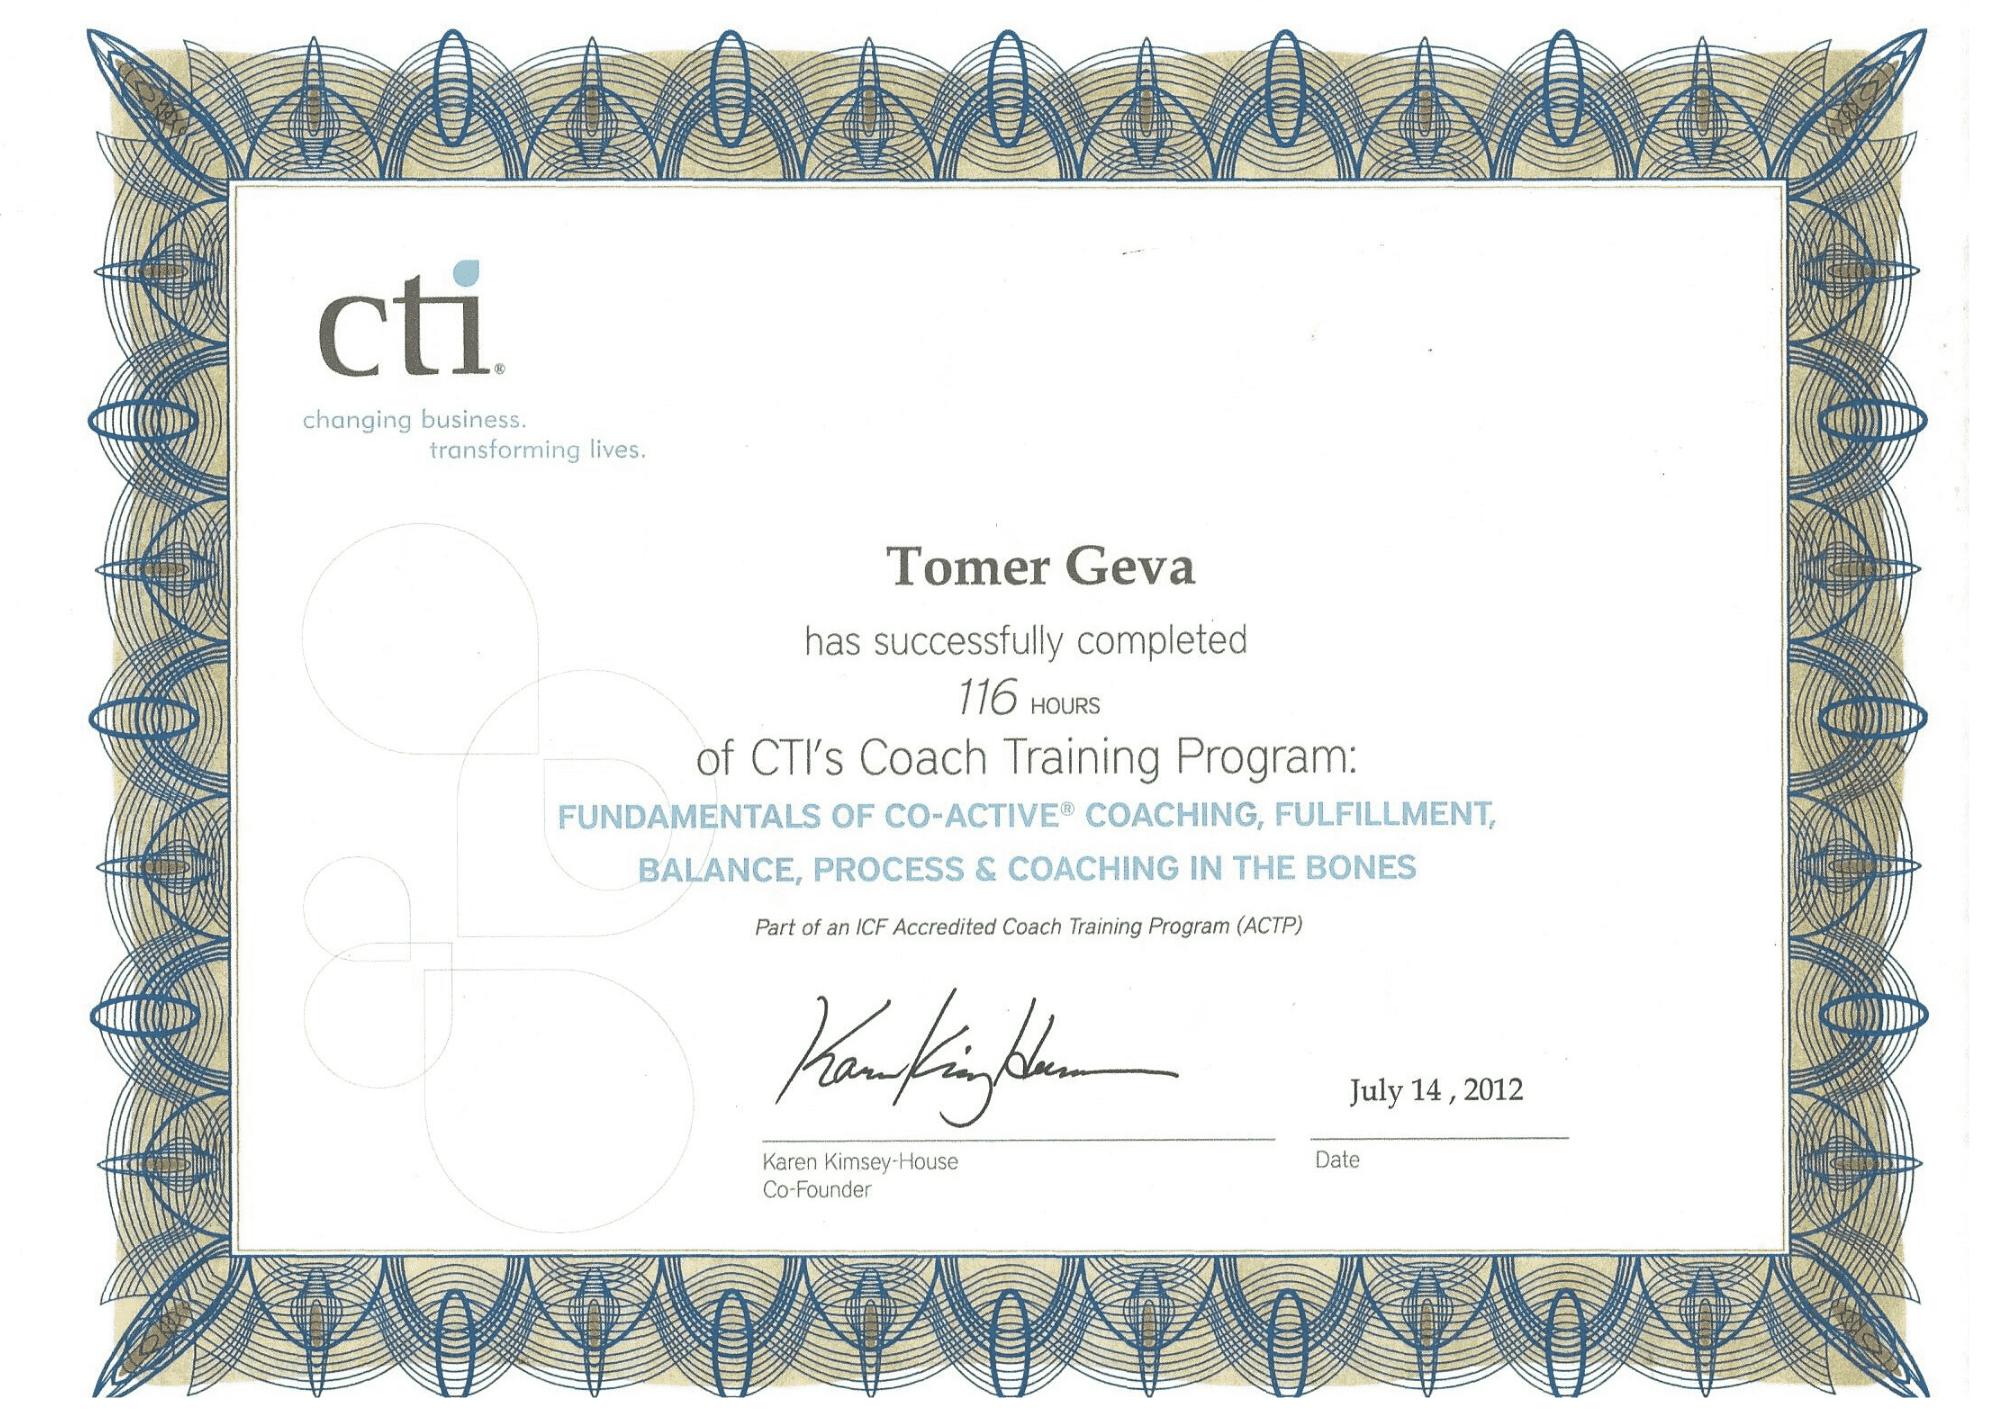 תעודת הסמכה מאמן אישי לחיים CTI